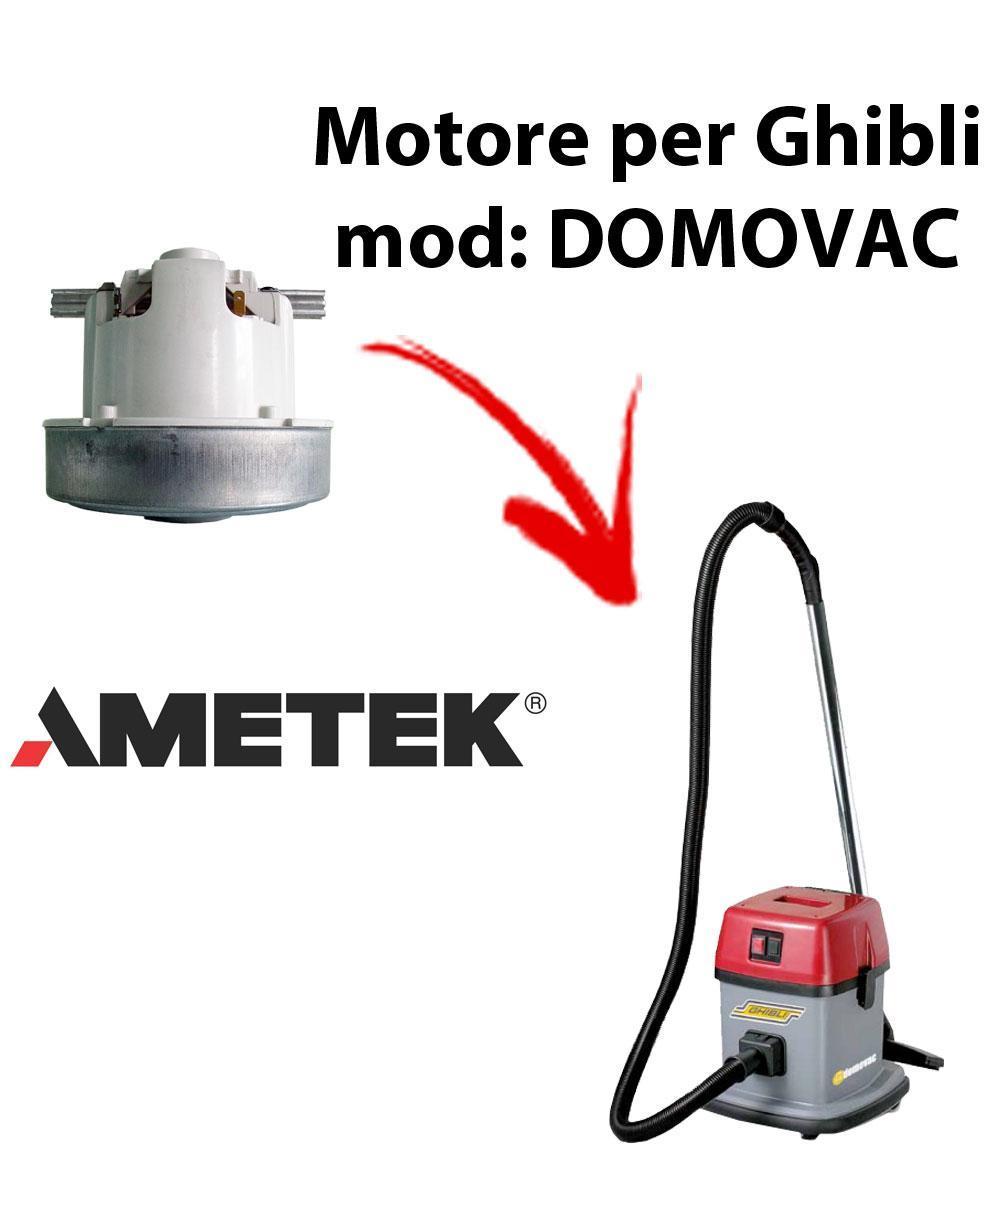 DOMOVAC Saugmotor AMETEK für Staubsauger GHIBLI